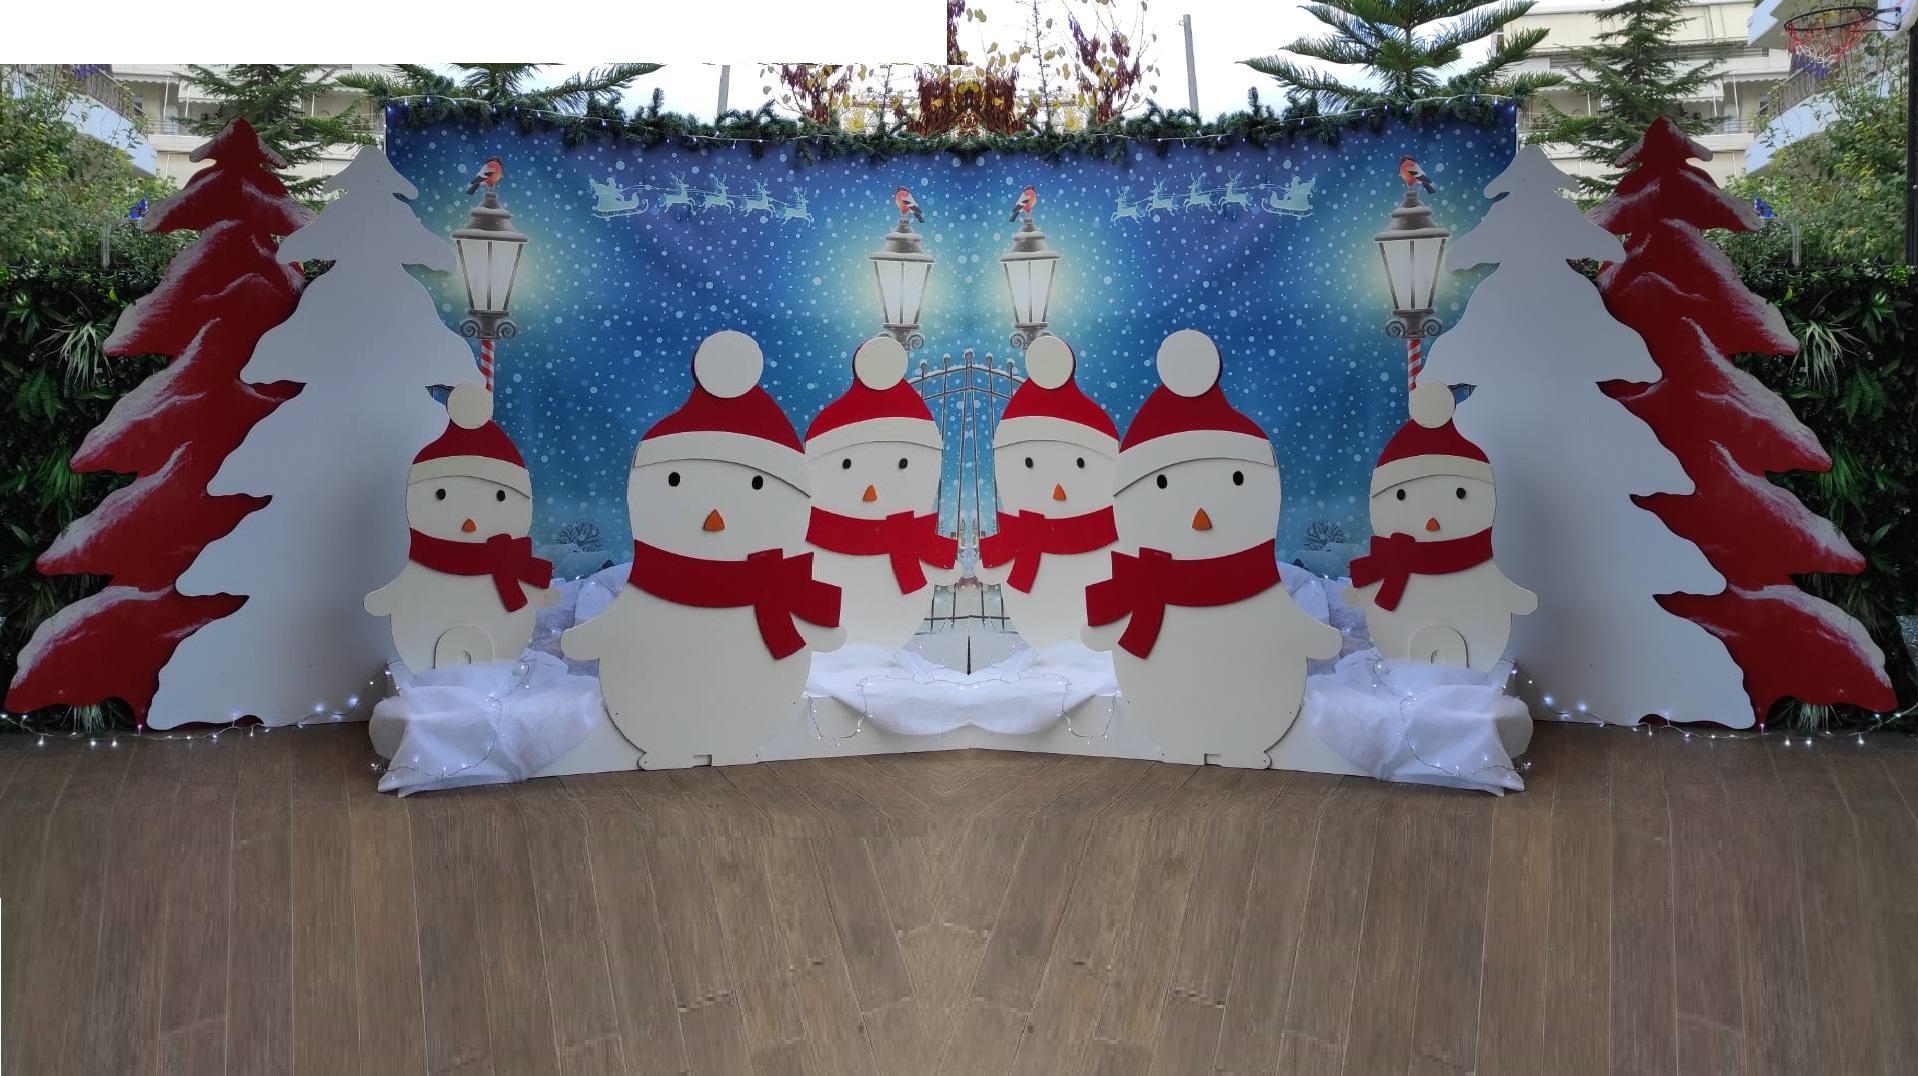 Χριστουγεννιάτικος στολισμός ΦΟΥΡΝΟΣ ΒΡΙΛΗΣΣΙΩΝ 2020